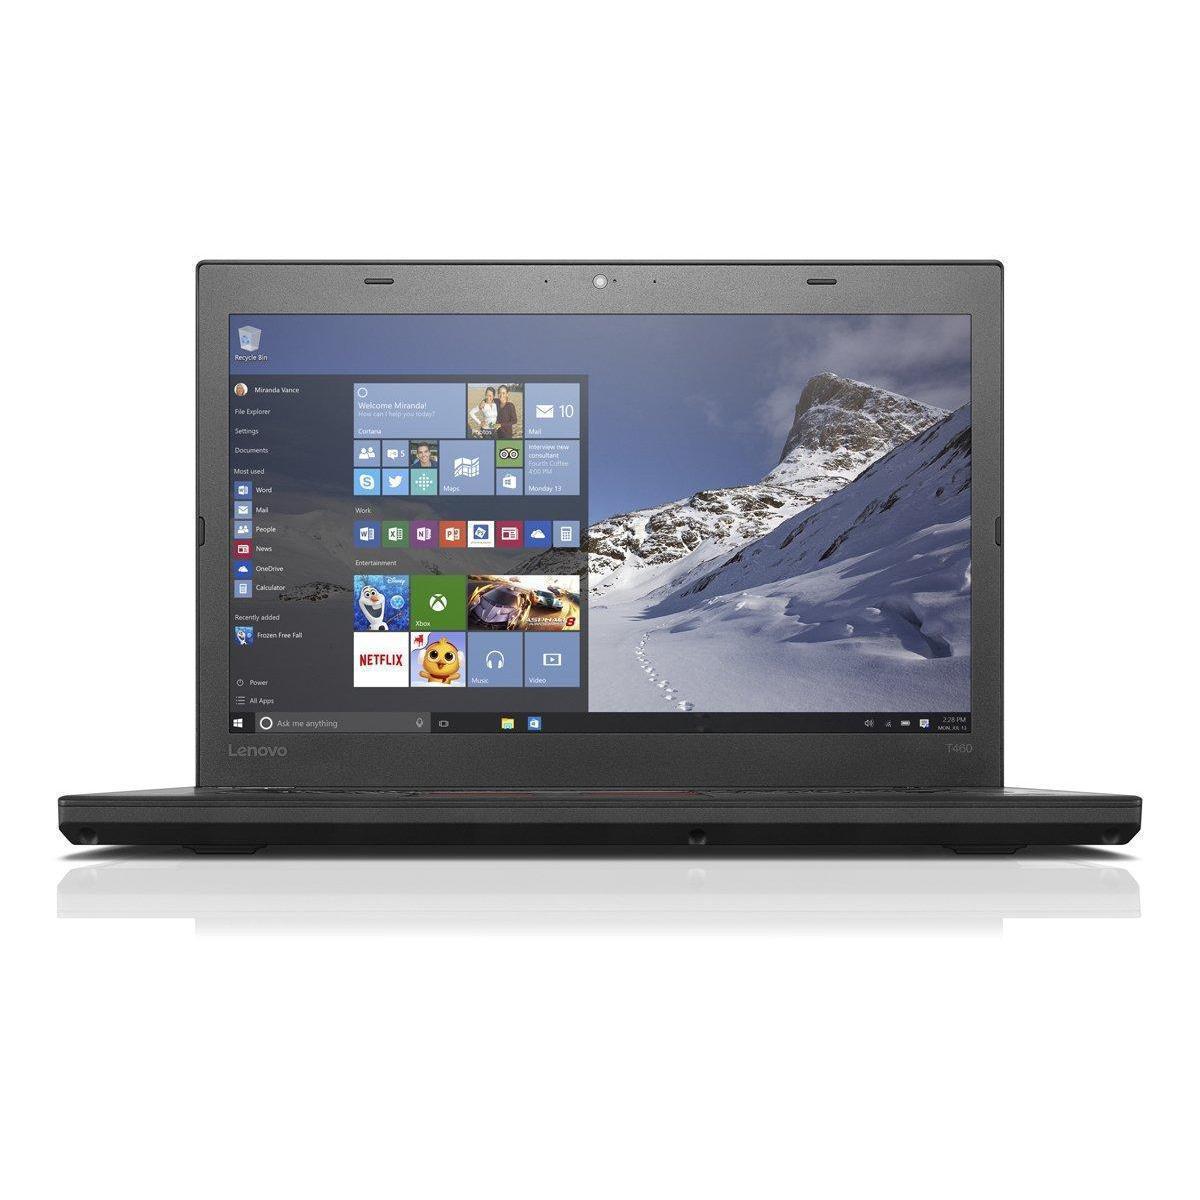 Lenovo ThinkPad T460 14-inch (2016) - Core i5-6300U - 8 GB  - HDD 320 GB